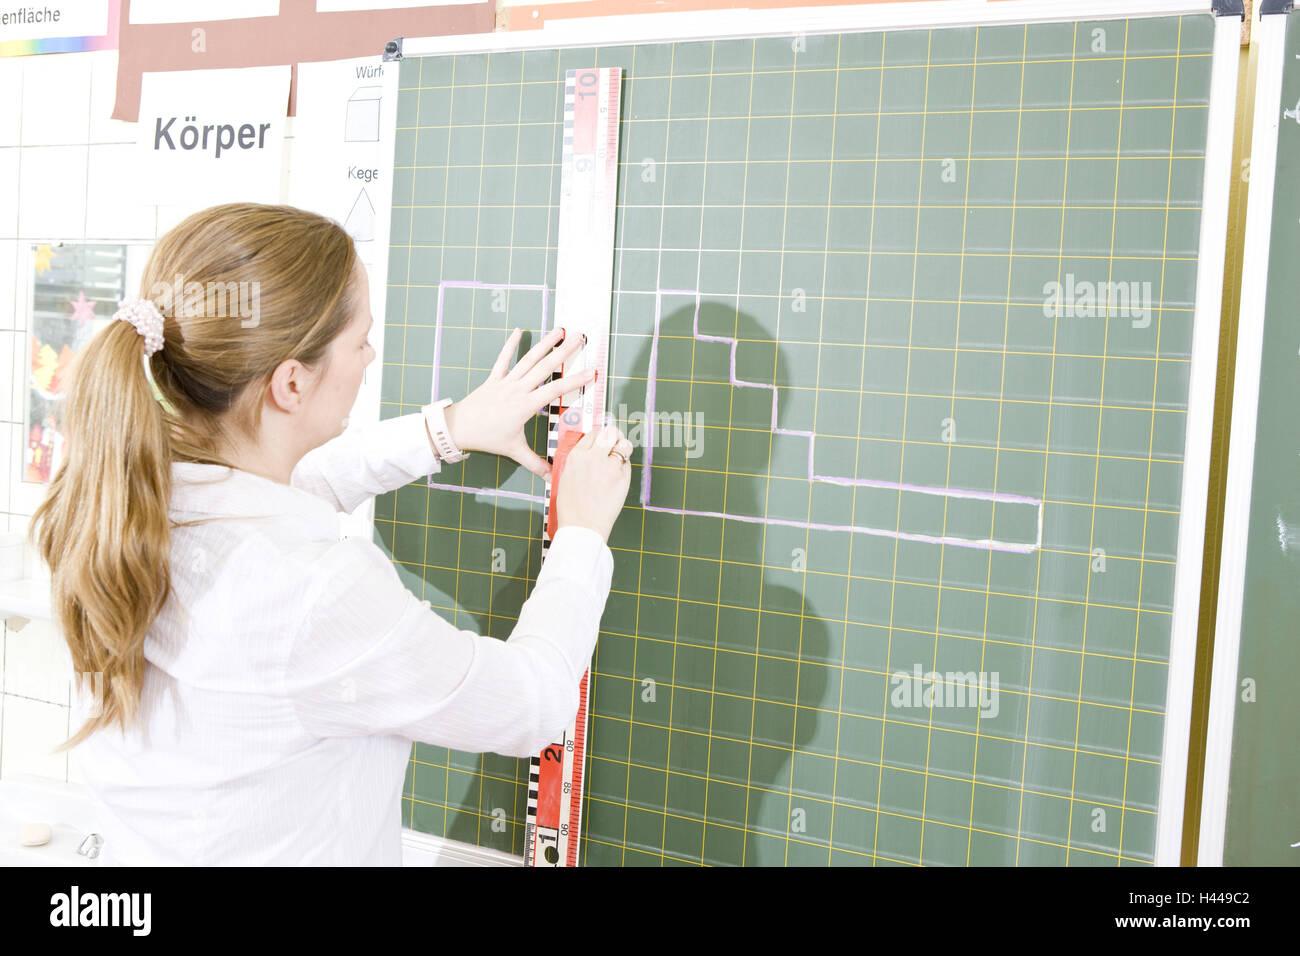 Klassenzimmer, Lehrer, Tafel, Lineal, Linien Stockfoto, Bild ...